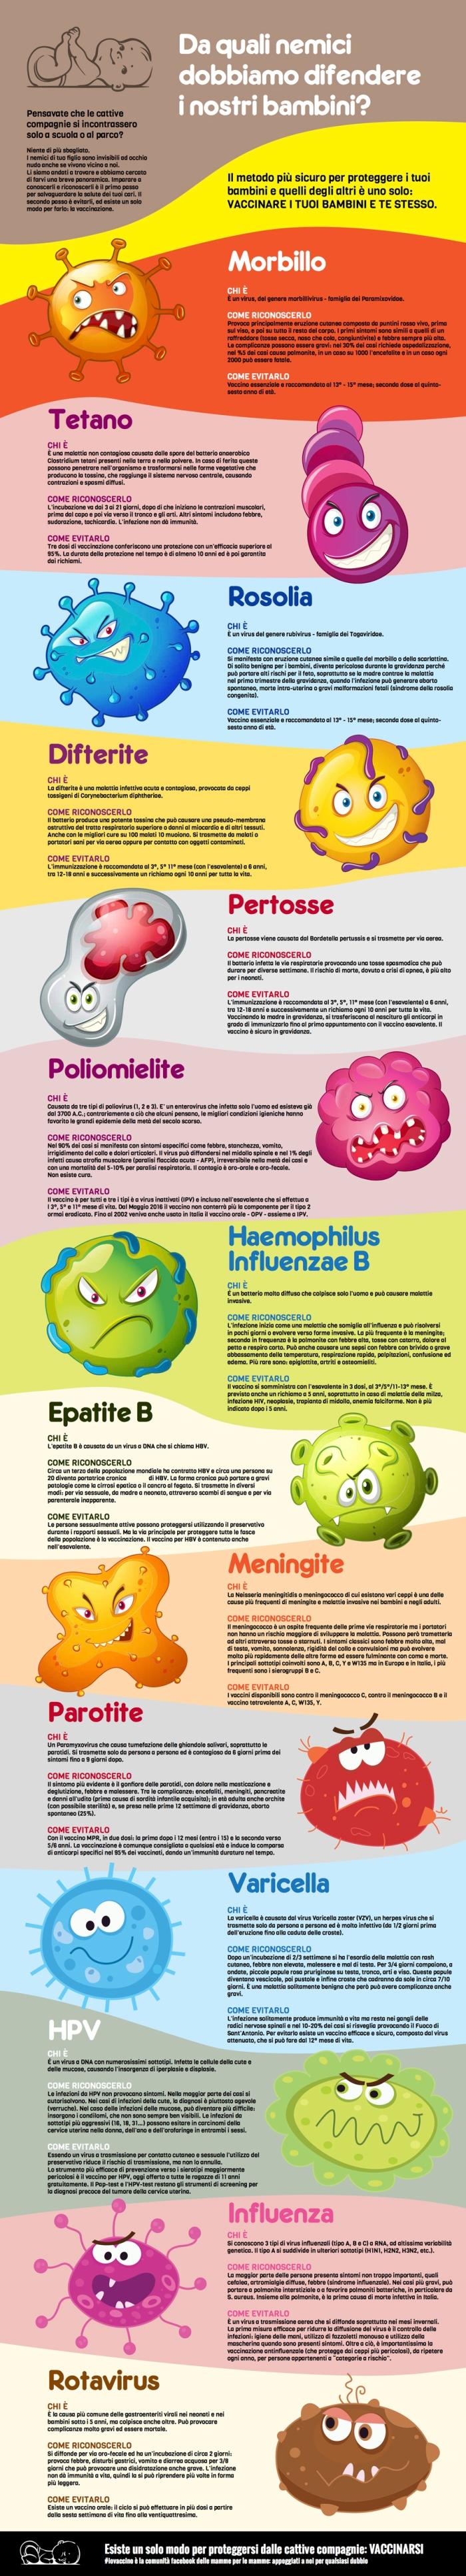 Infografica-difendi-bambini-malattie-prevenibili